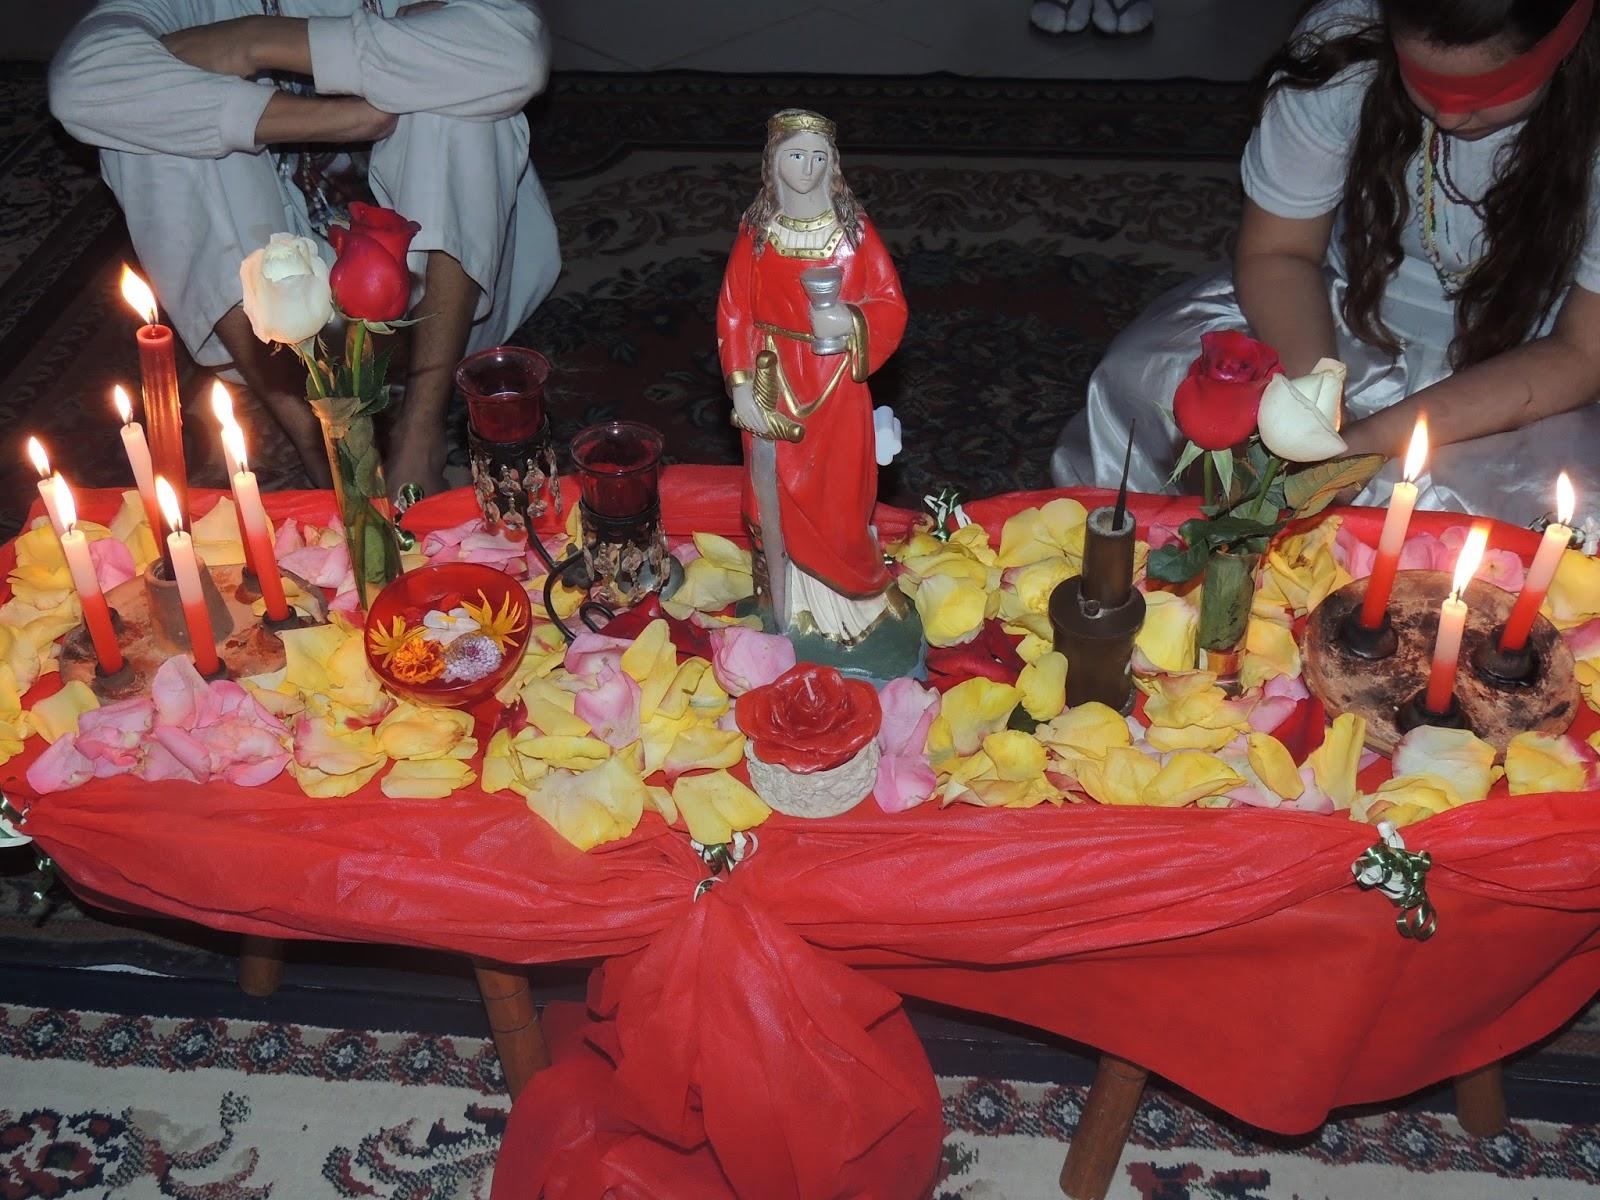 decoracao festa xango:cigano festa de 2010 festa da iansã maio de 2012